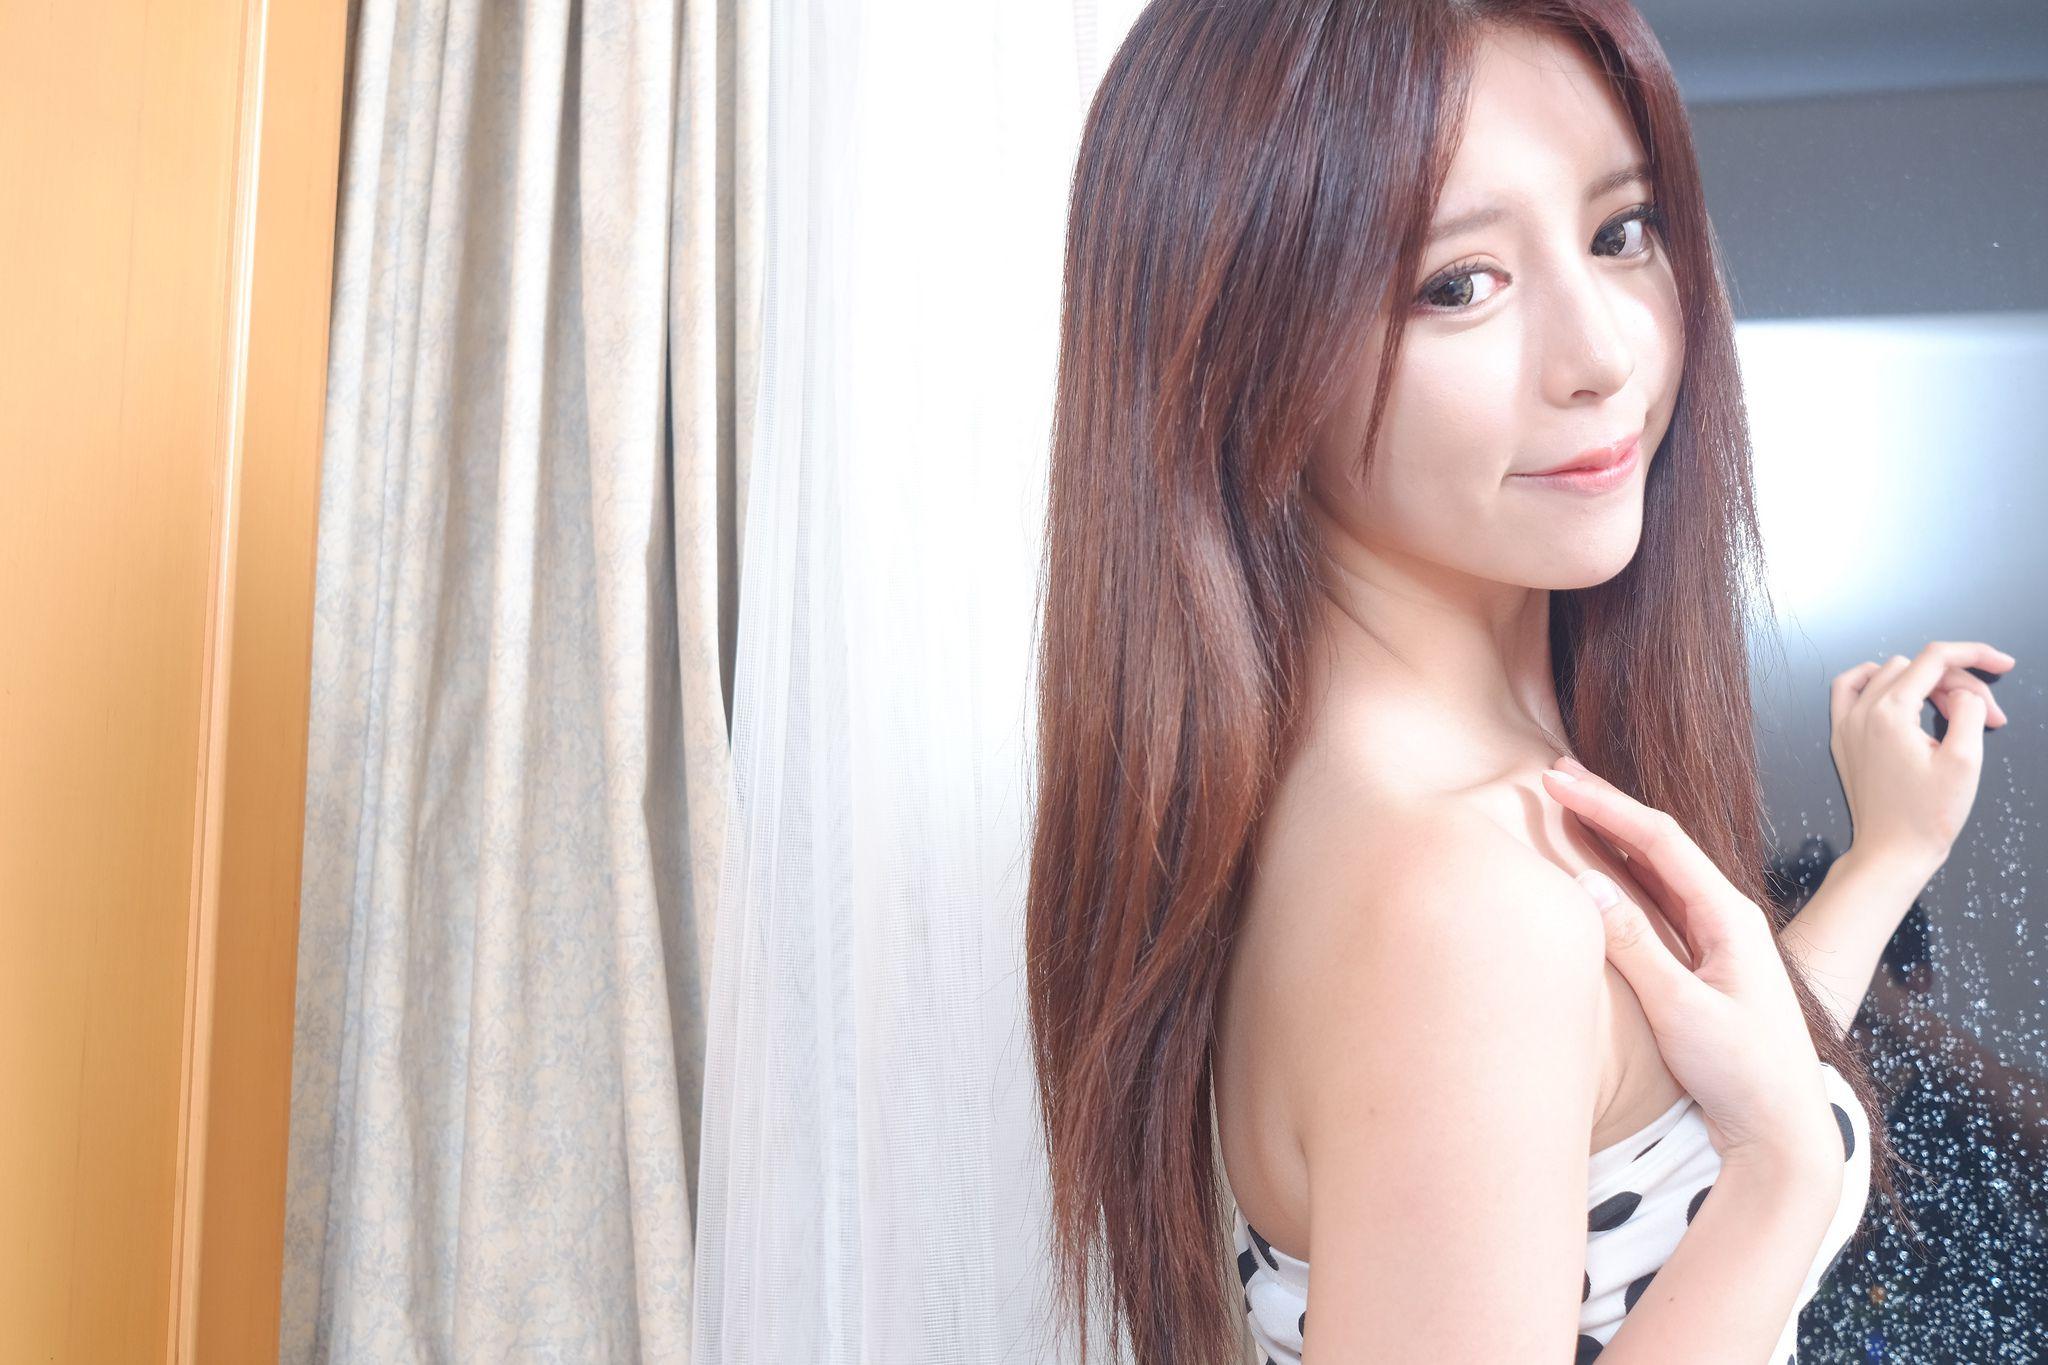 VOL.1475 [台湾正妹]可爱清纯居家美女妹子B罩杯美女:张齐郡(Julie)高品质写真套图(70P)